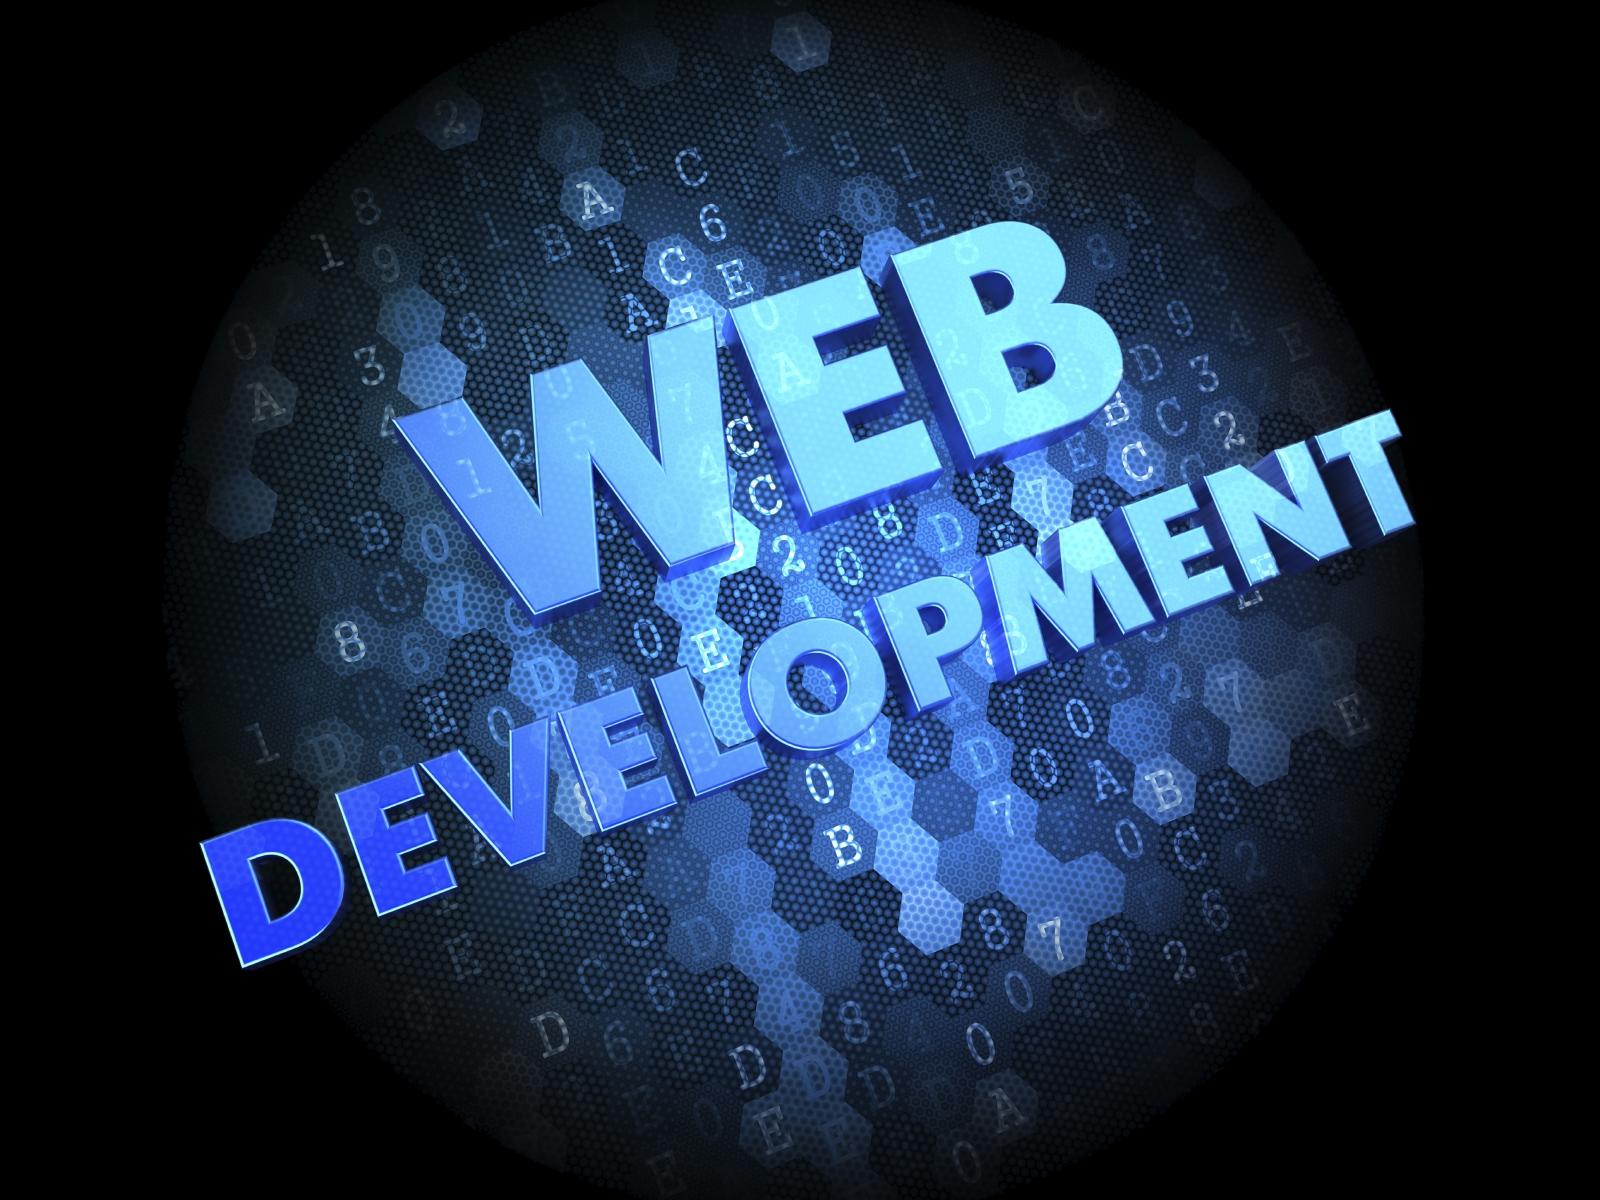 WEBDEVELOPMENT.jpg